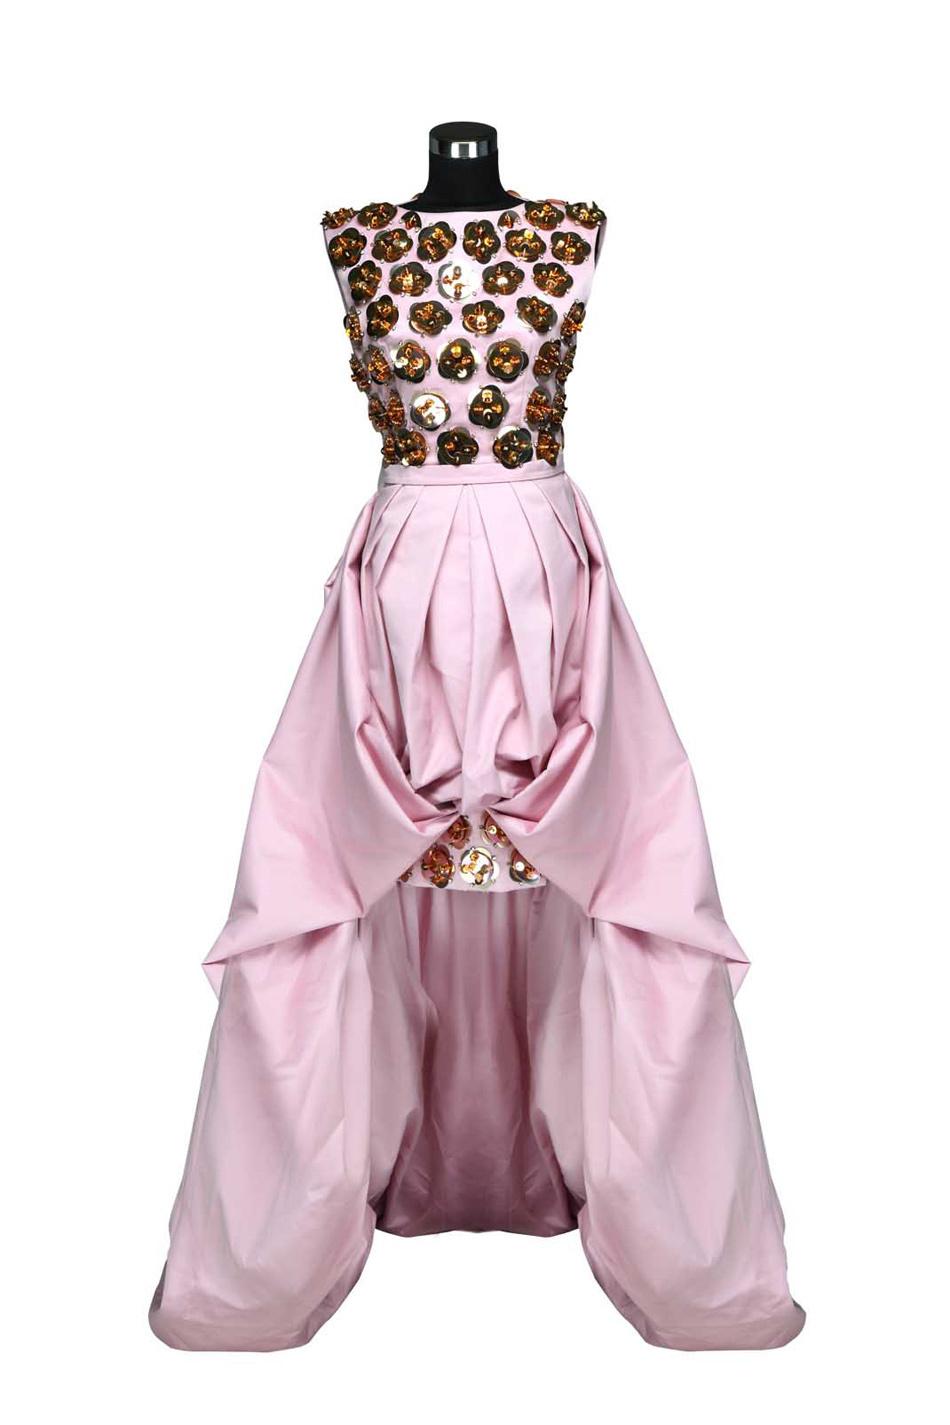 4、Dior 复古华丽粉色晚礼服 Dior的晚礼服以其华美优雅的设计闻名于世,是全球明星名媛的挚爱。 这件复古华丽的粉色晚礼服让人惊艳万分:胸前饰有数朵绽放的立体造型金属花朵,折射出绚烂的光芒;飘逸的裙身设计前短后长、层次丰富;超大的落地式花型裙摆让穿着者摇曳生姿;粉色的绸缎面料柔媚并富于光泽感。这件晚礼服完美融合了奢华风范与上世纪六十年代的摇摆的欢愉与绚烂, 展现出大胆的线条与完美雕刻般的剪裁,是一件瑰丽的设计珍品。 参考价格:RMB 200,000元 Dior pink evening dress